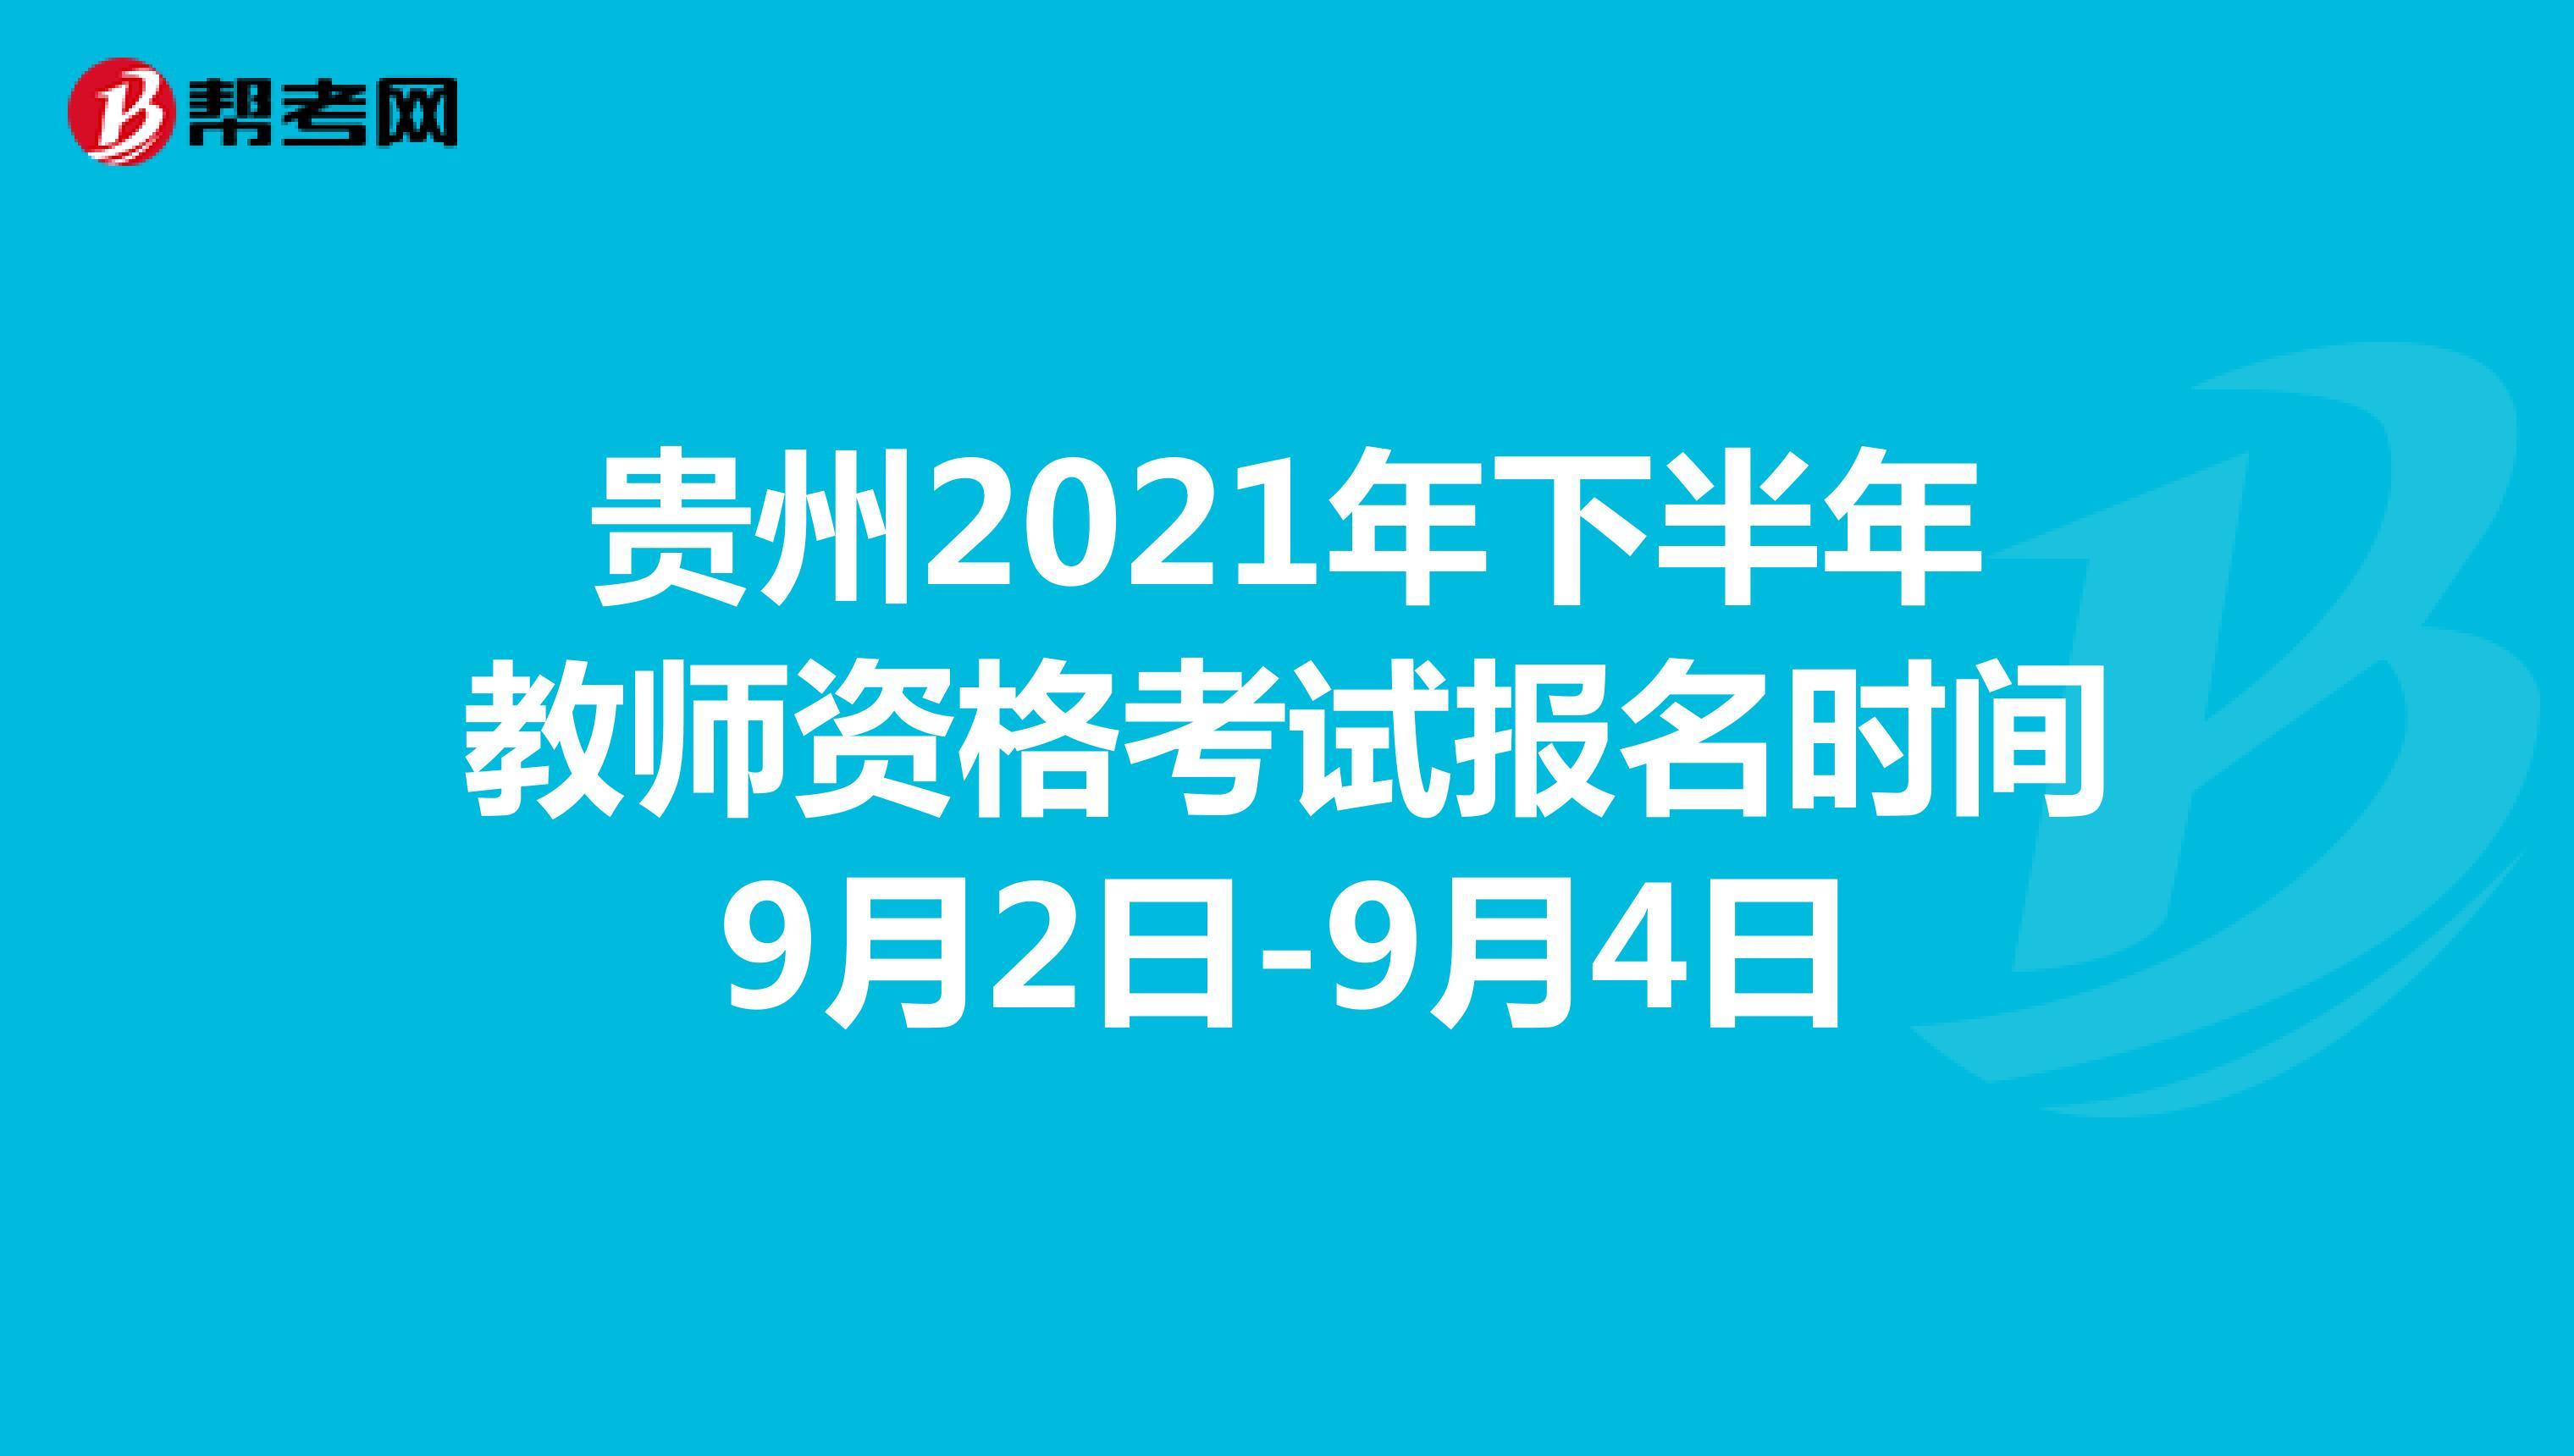 贵州2021年下半年教师资格考试报名时间9月2日-9月4日